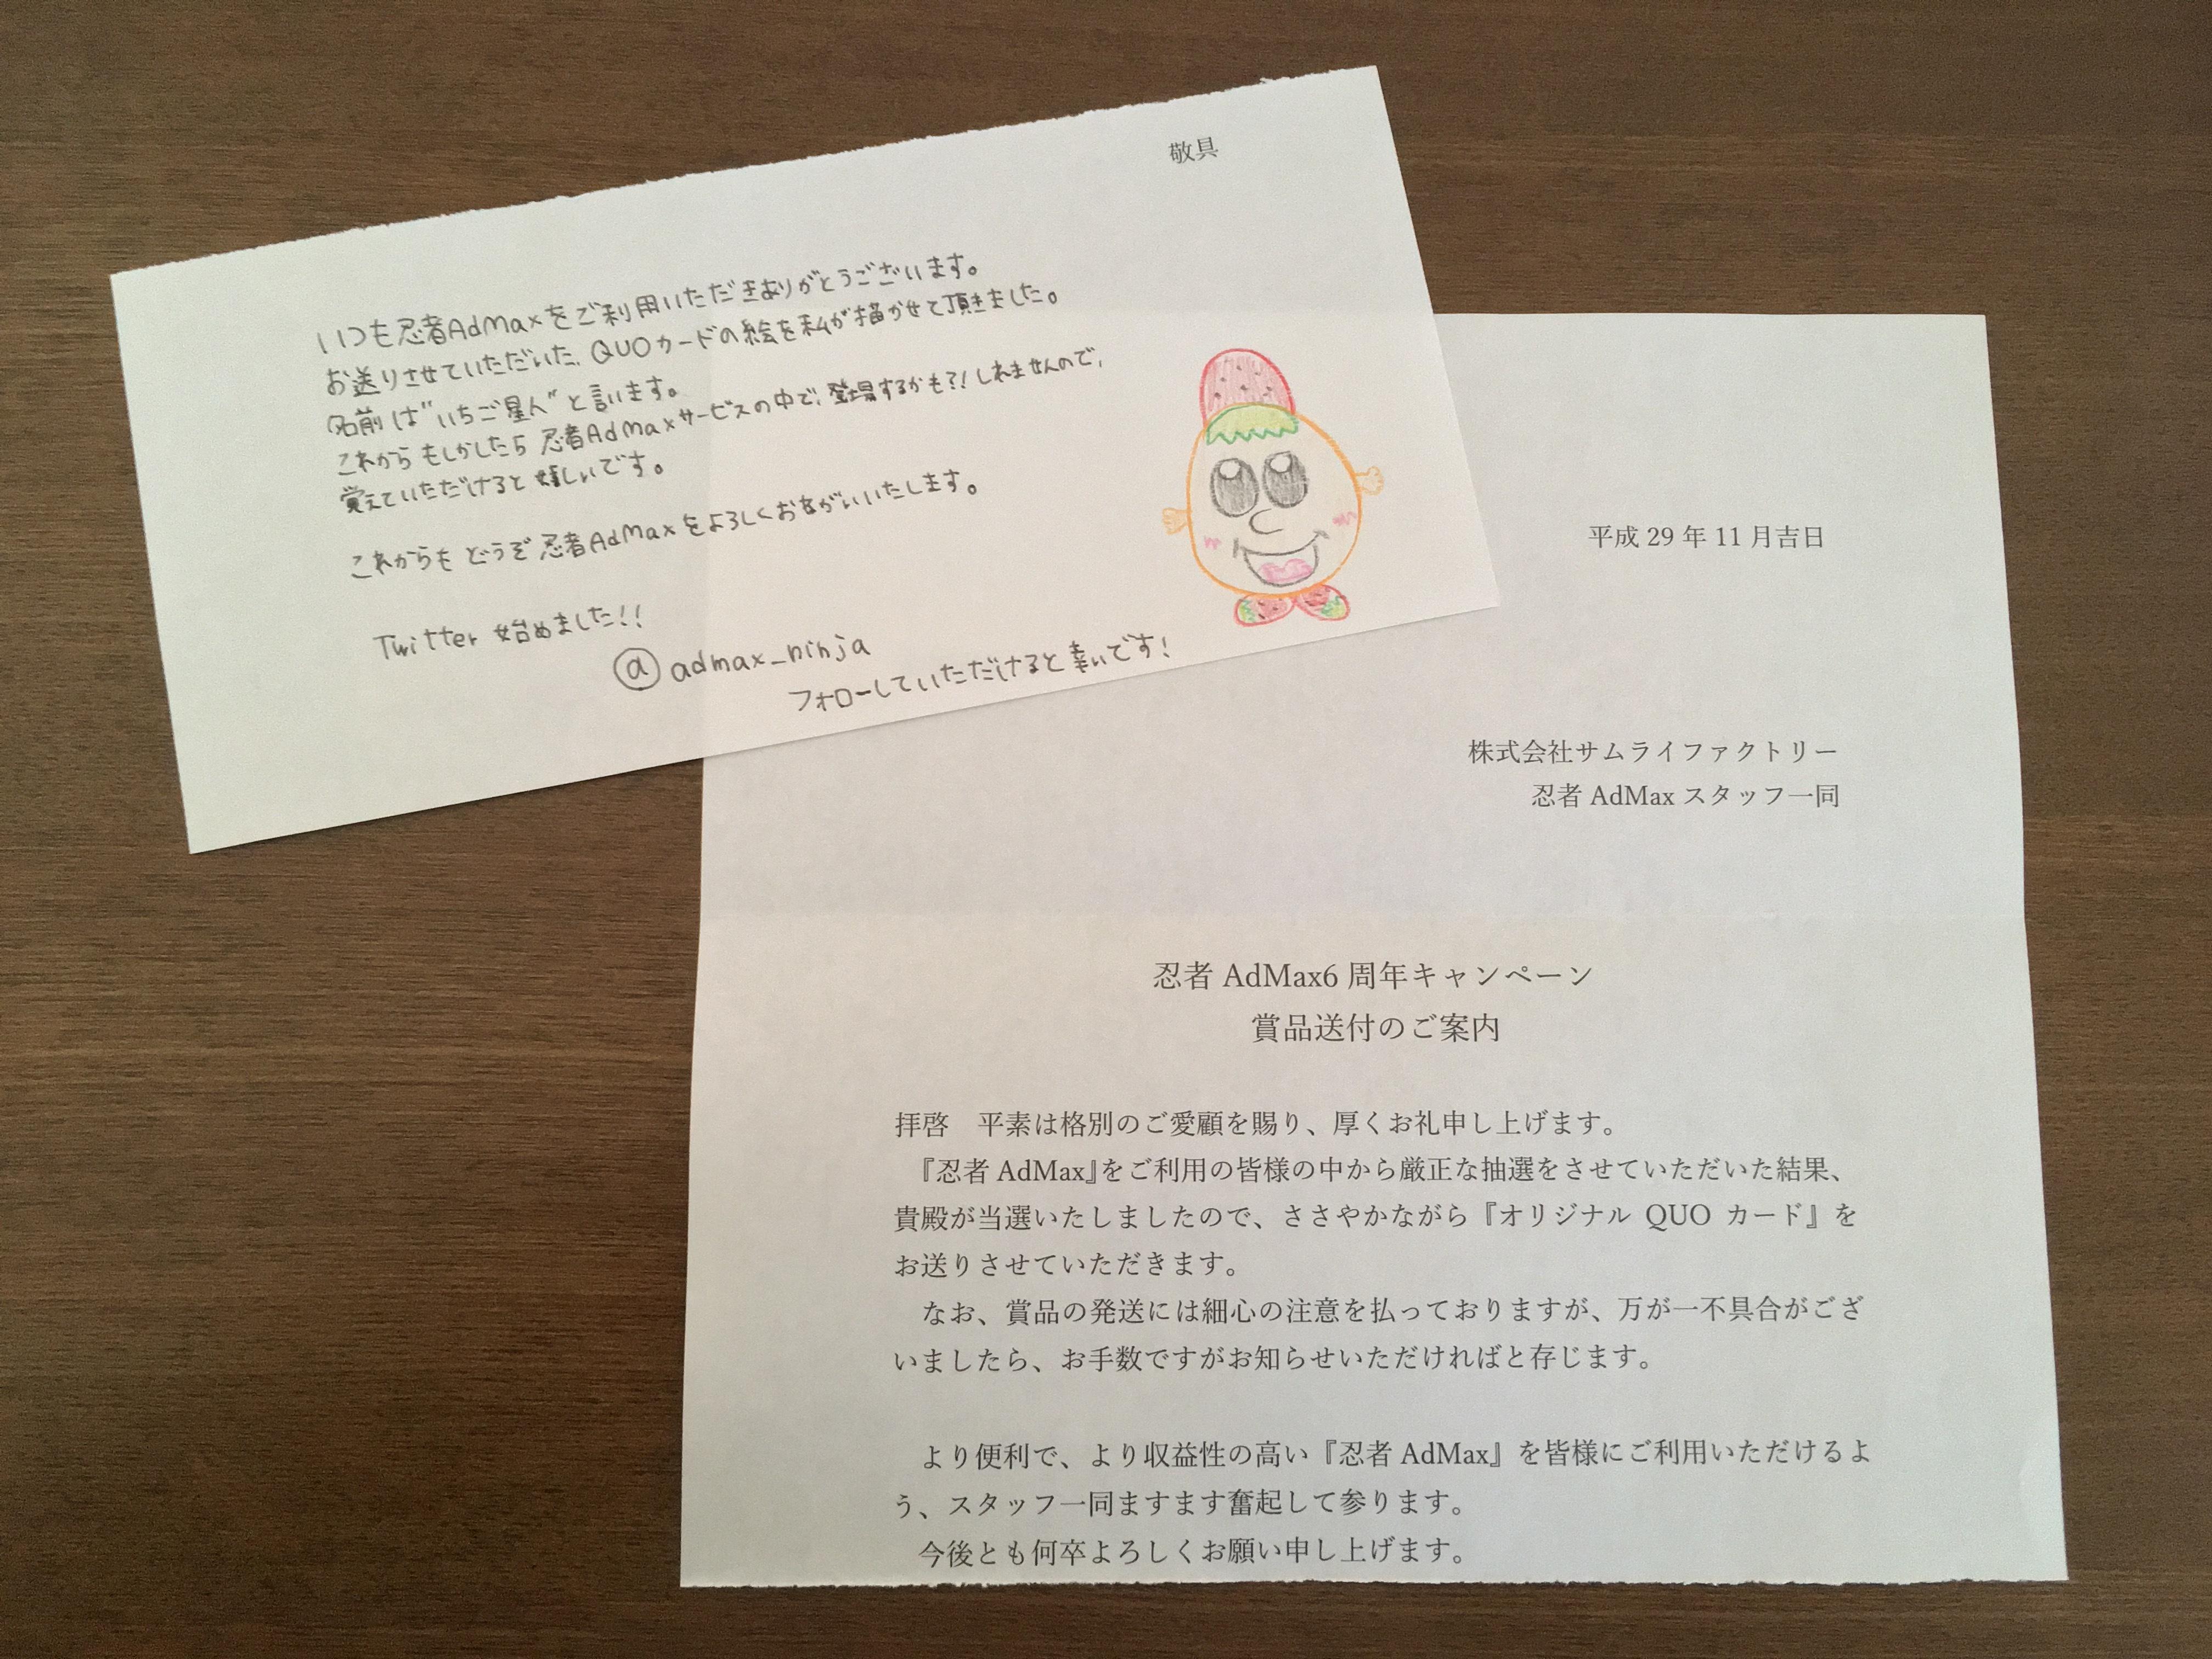 忍者AdMax 6周年 手書きメッセージ